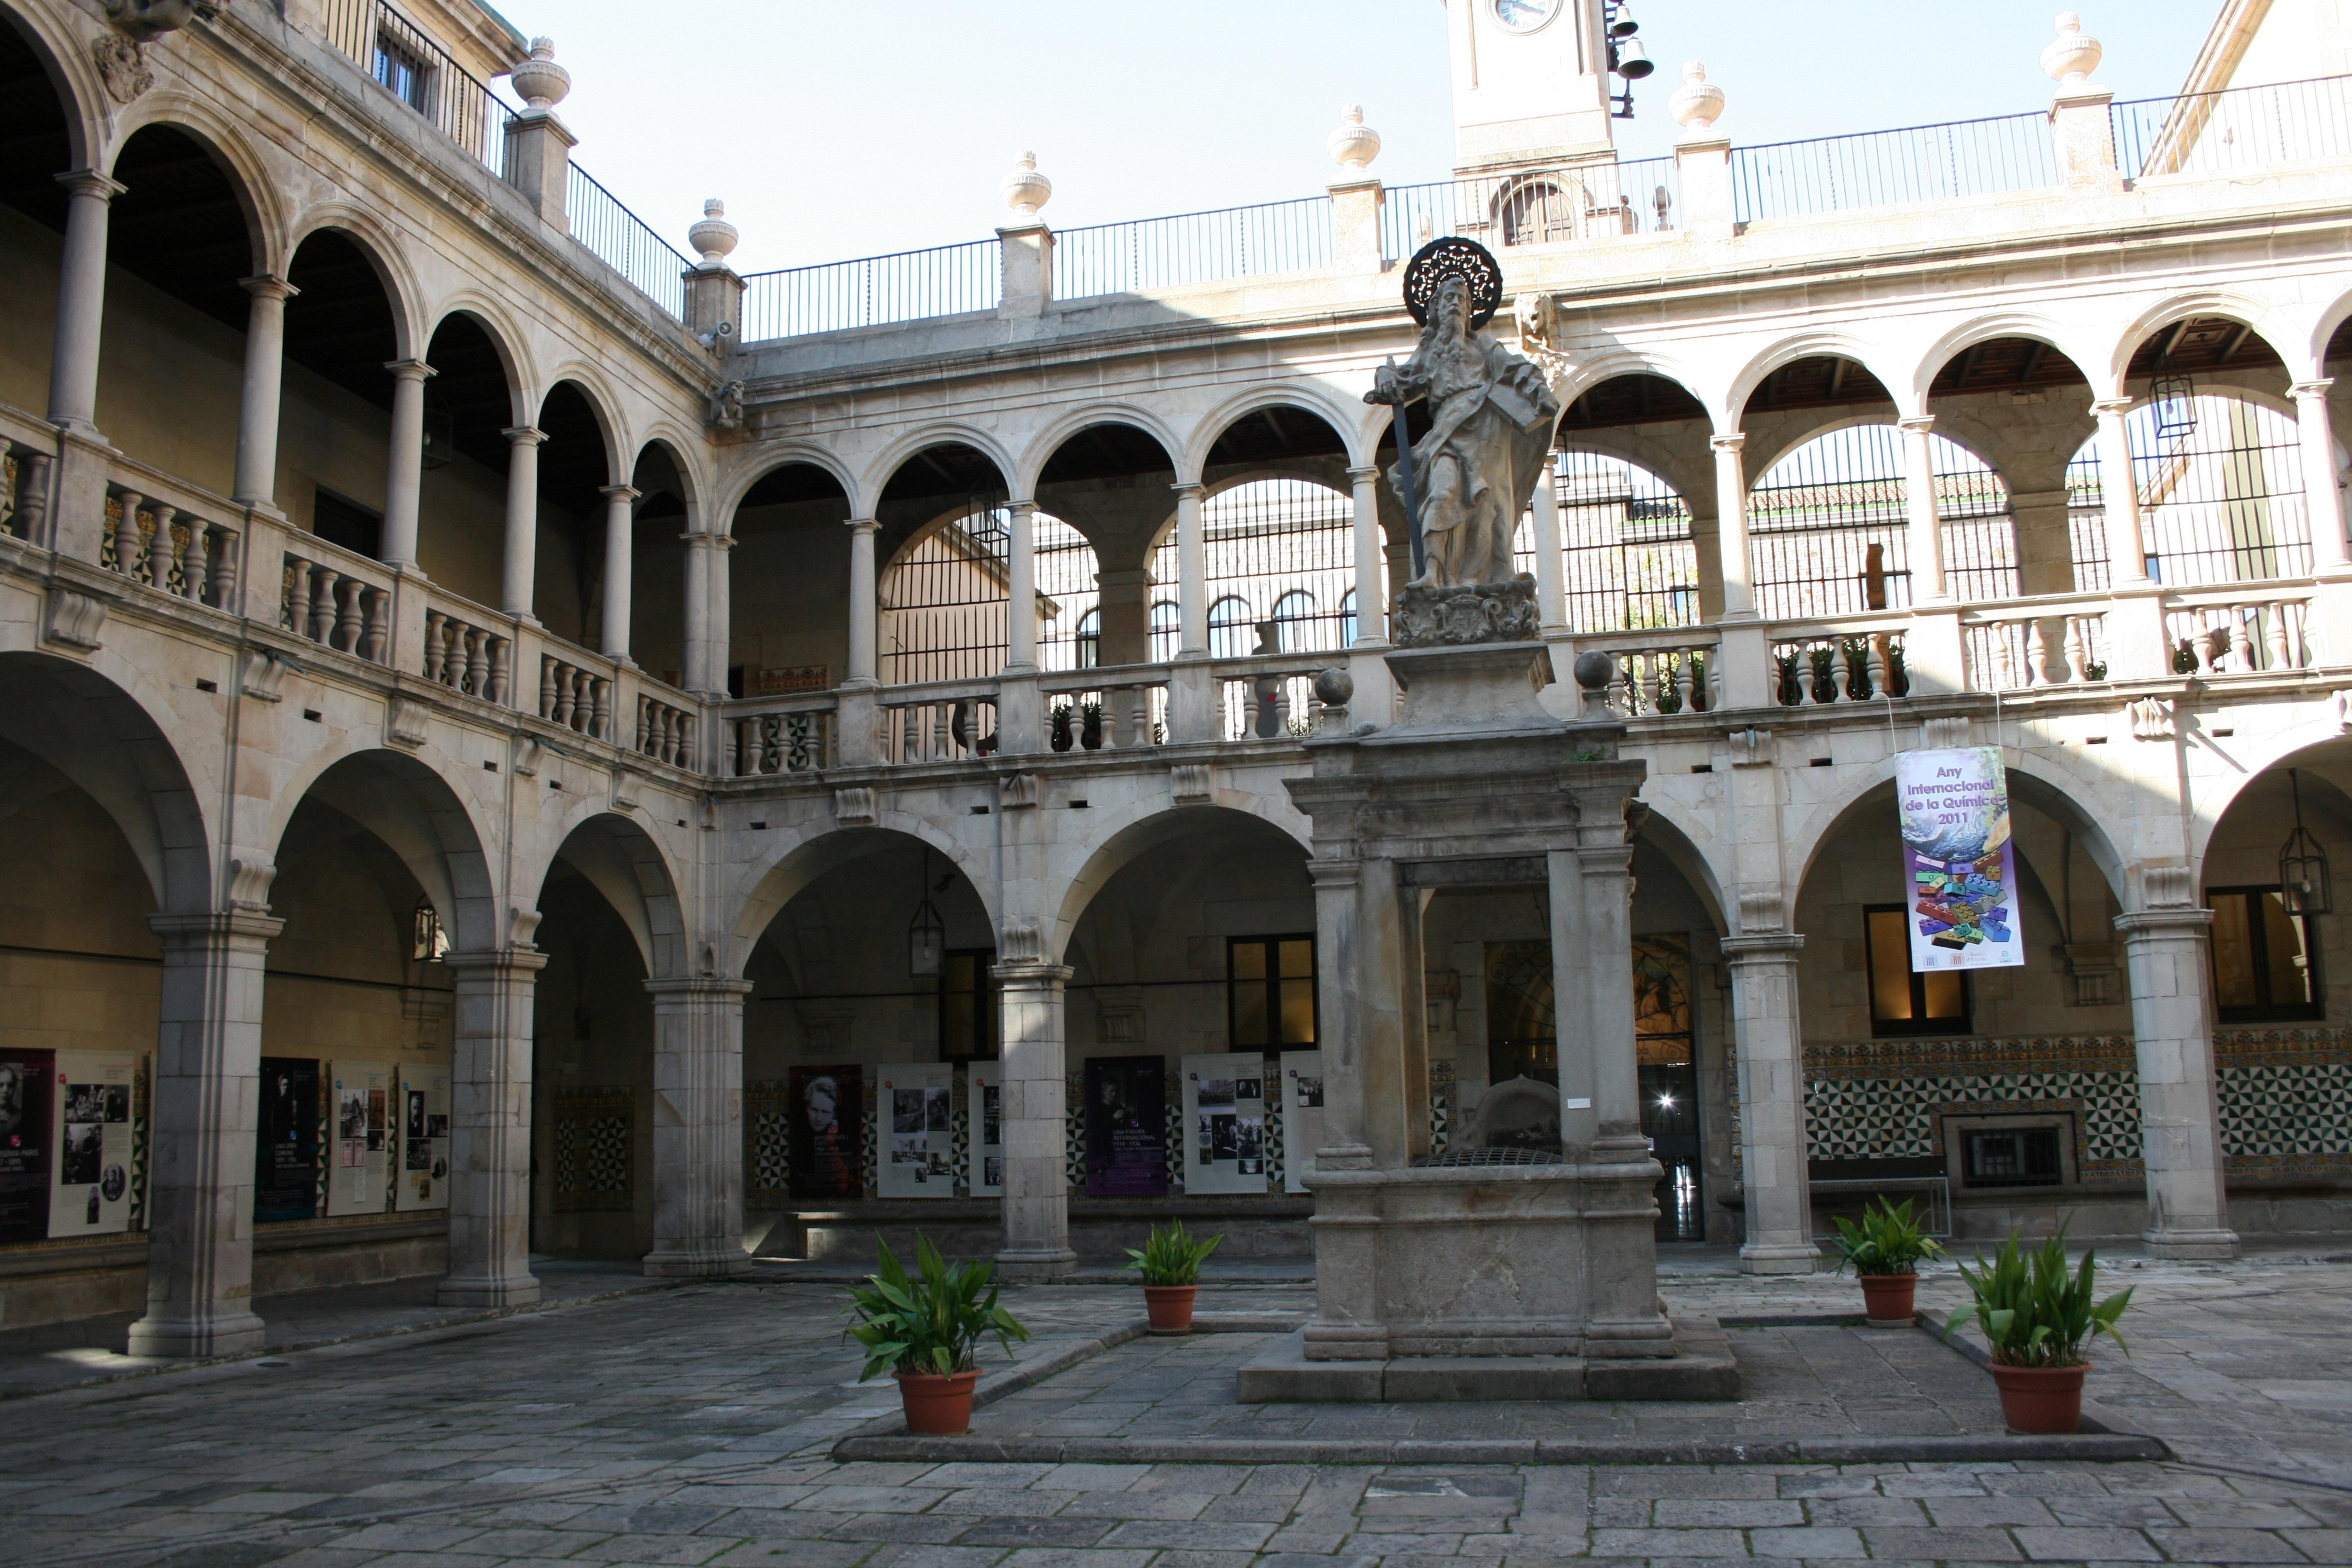 S'Istitutu de Istùdios Catalanos